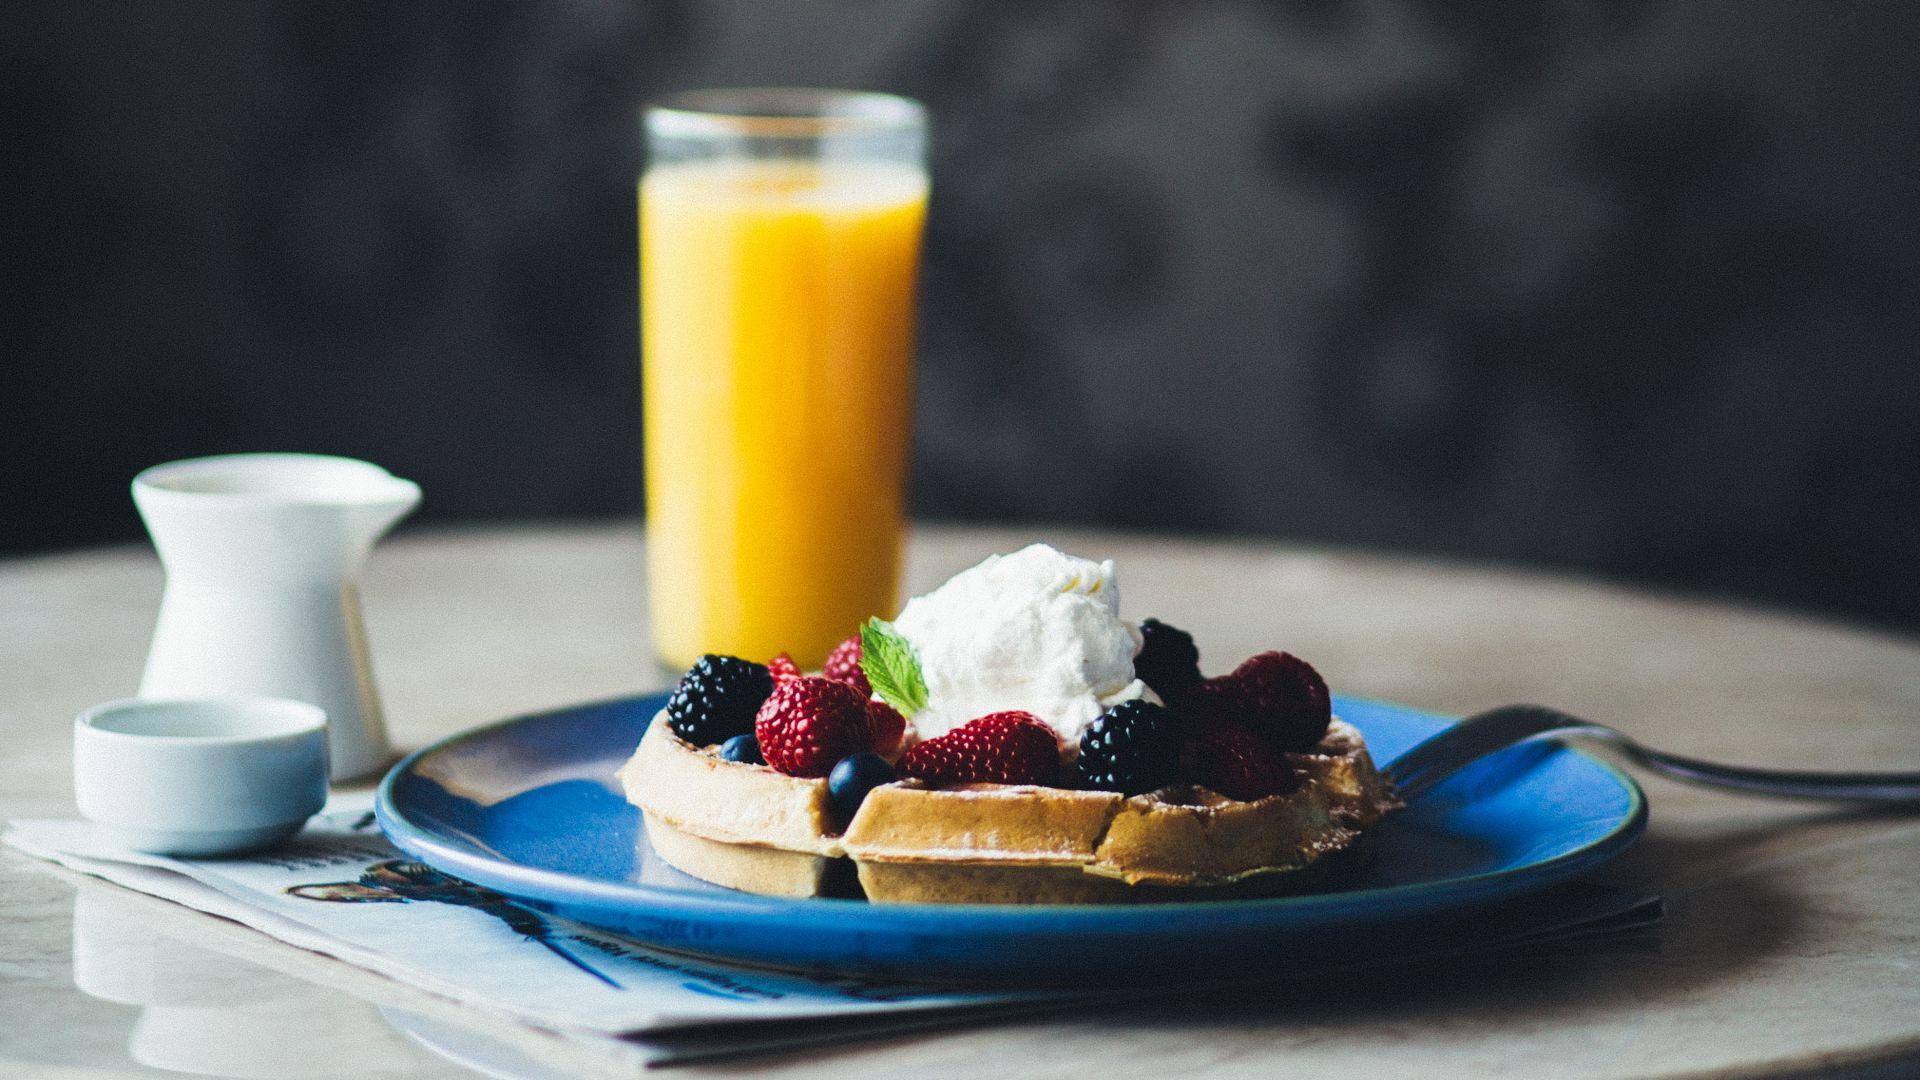 | Alojamiento y desayuno en St. Louis | Disfrute de un sabroso comienzo del día al reservar alojamiento y desayuno. | Reserve ahora